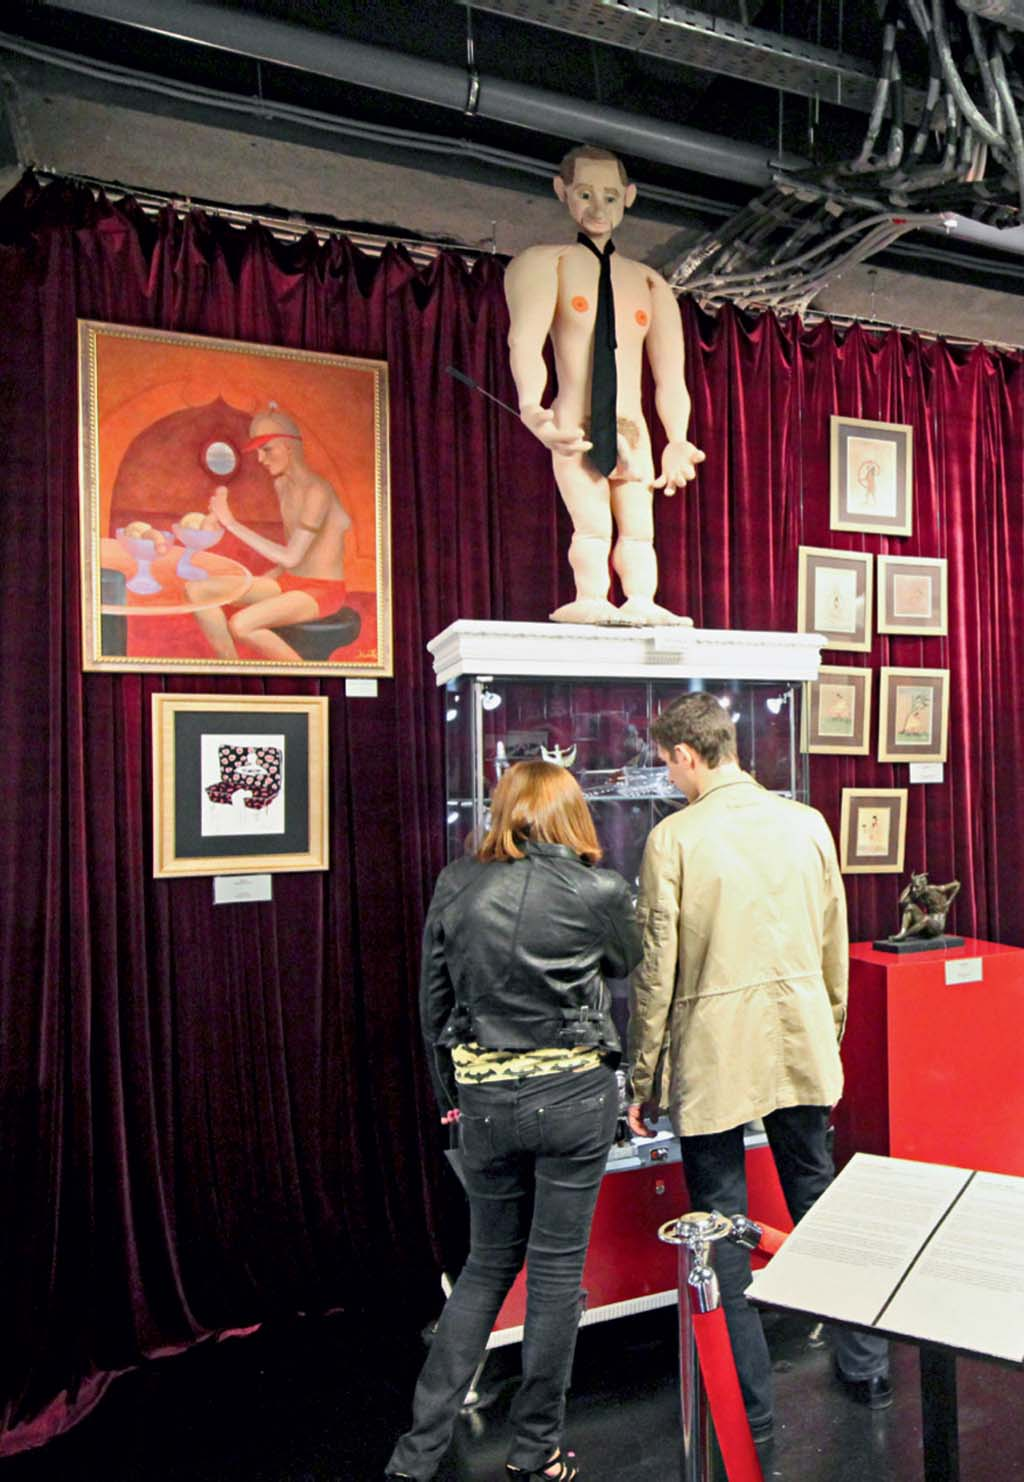 Uma das salas do Tochka G, o museu do sexo, em Moscou, Rússia